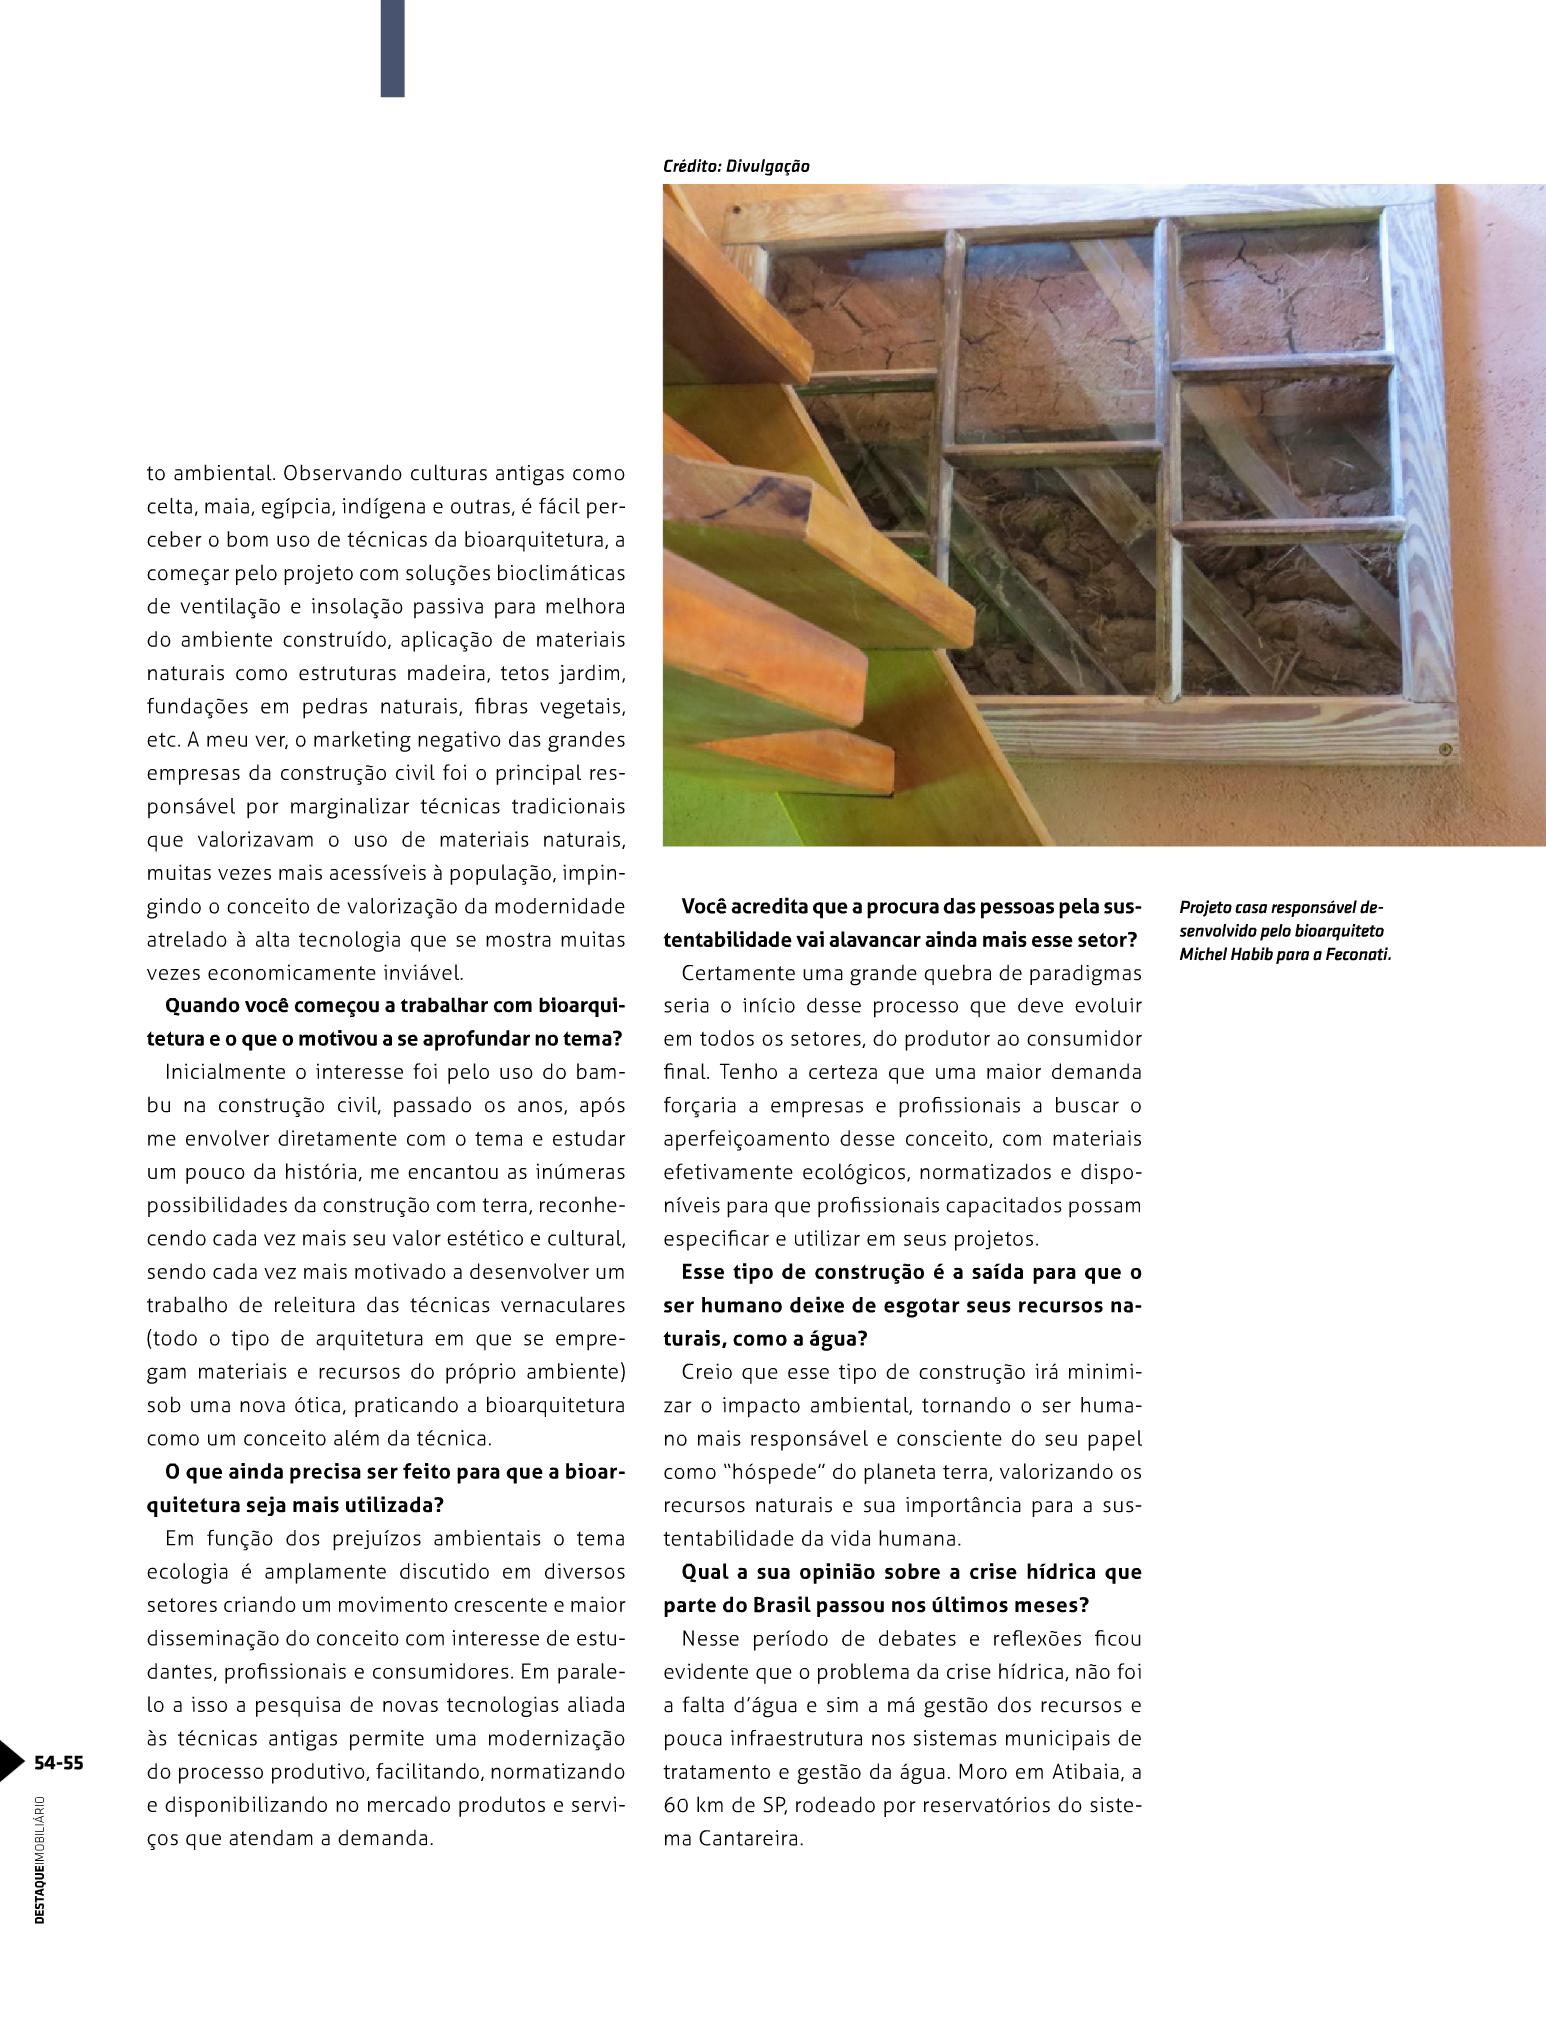 Revista_Destaque_Imobiliário_-_Bioarquitetura_2015-05_03.jpg